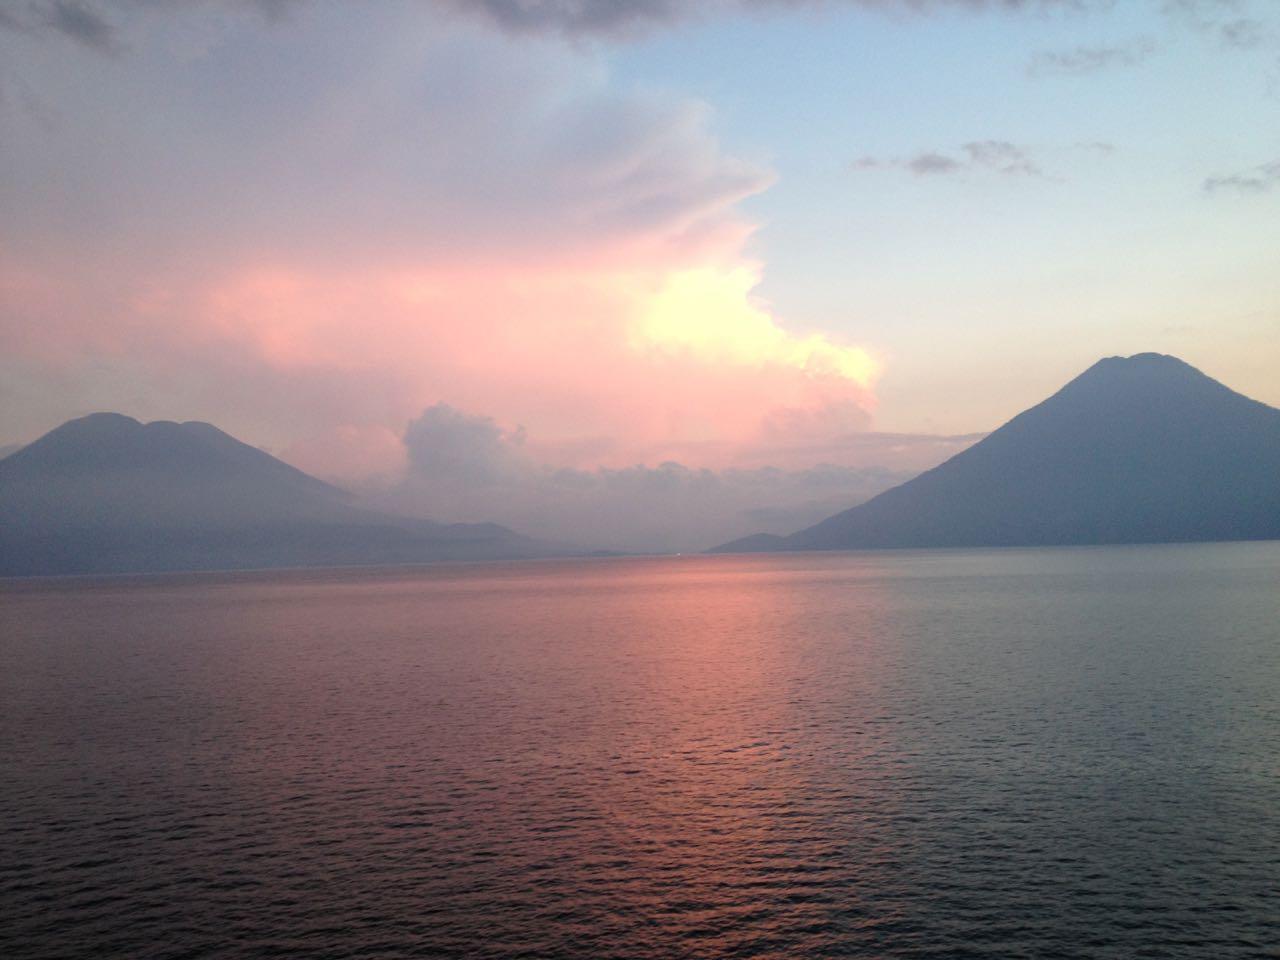 View of Lake Atitlan at sunset